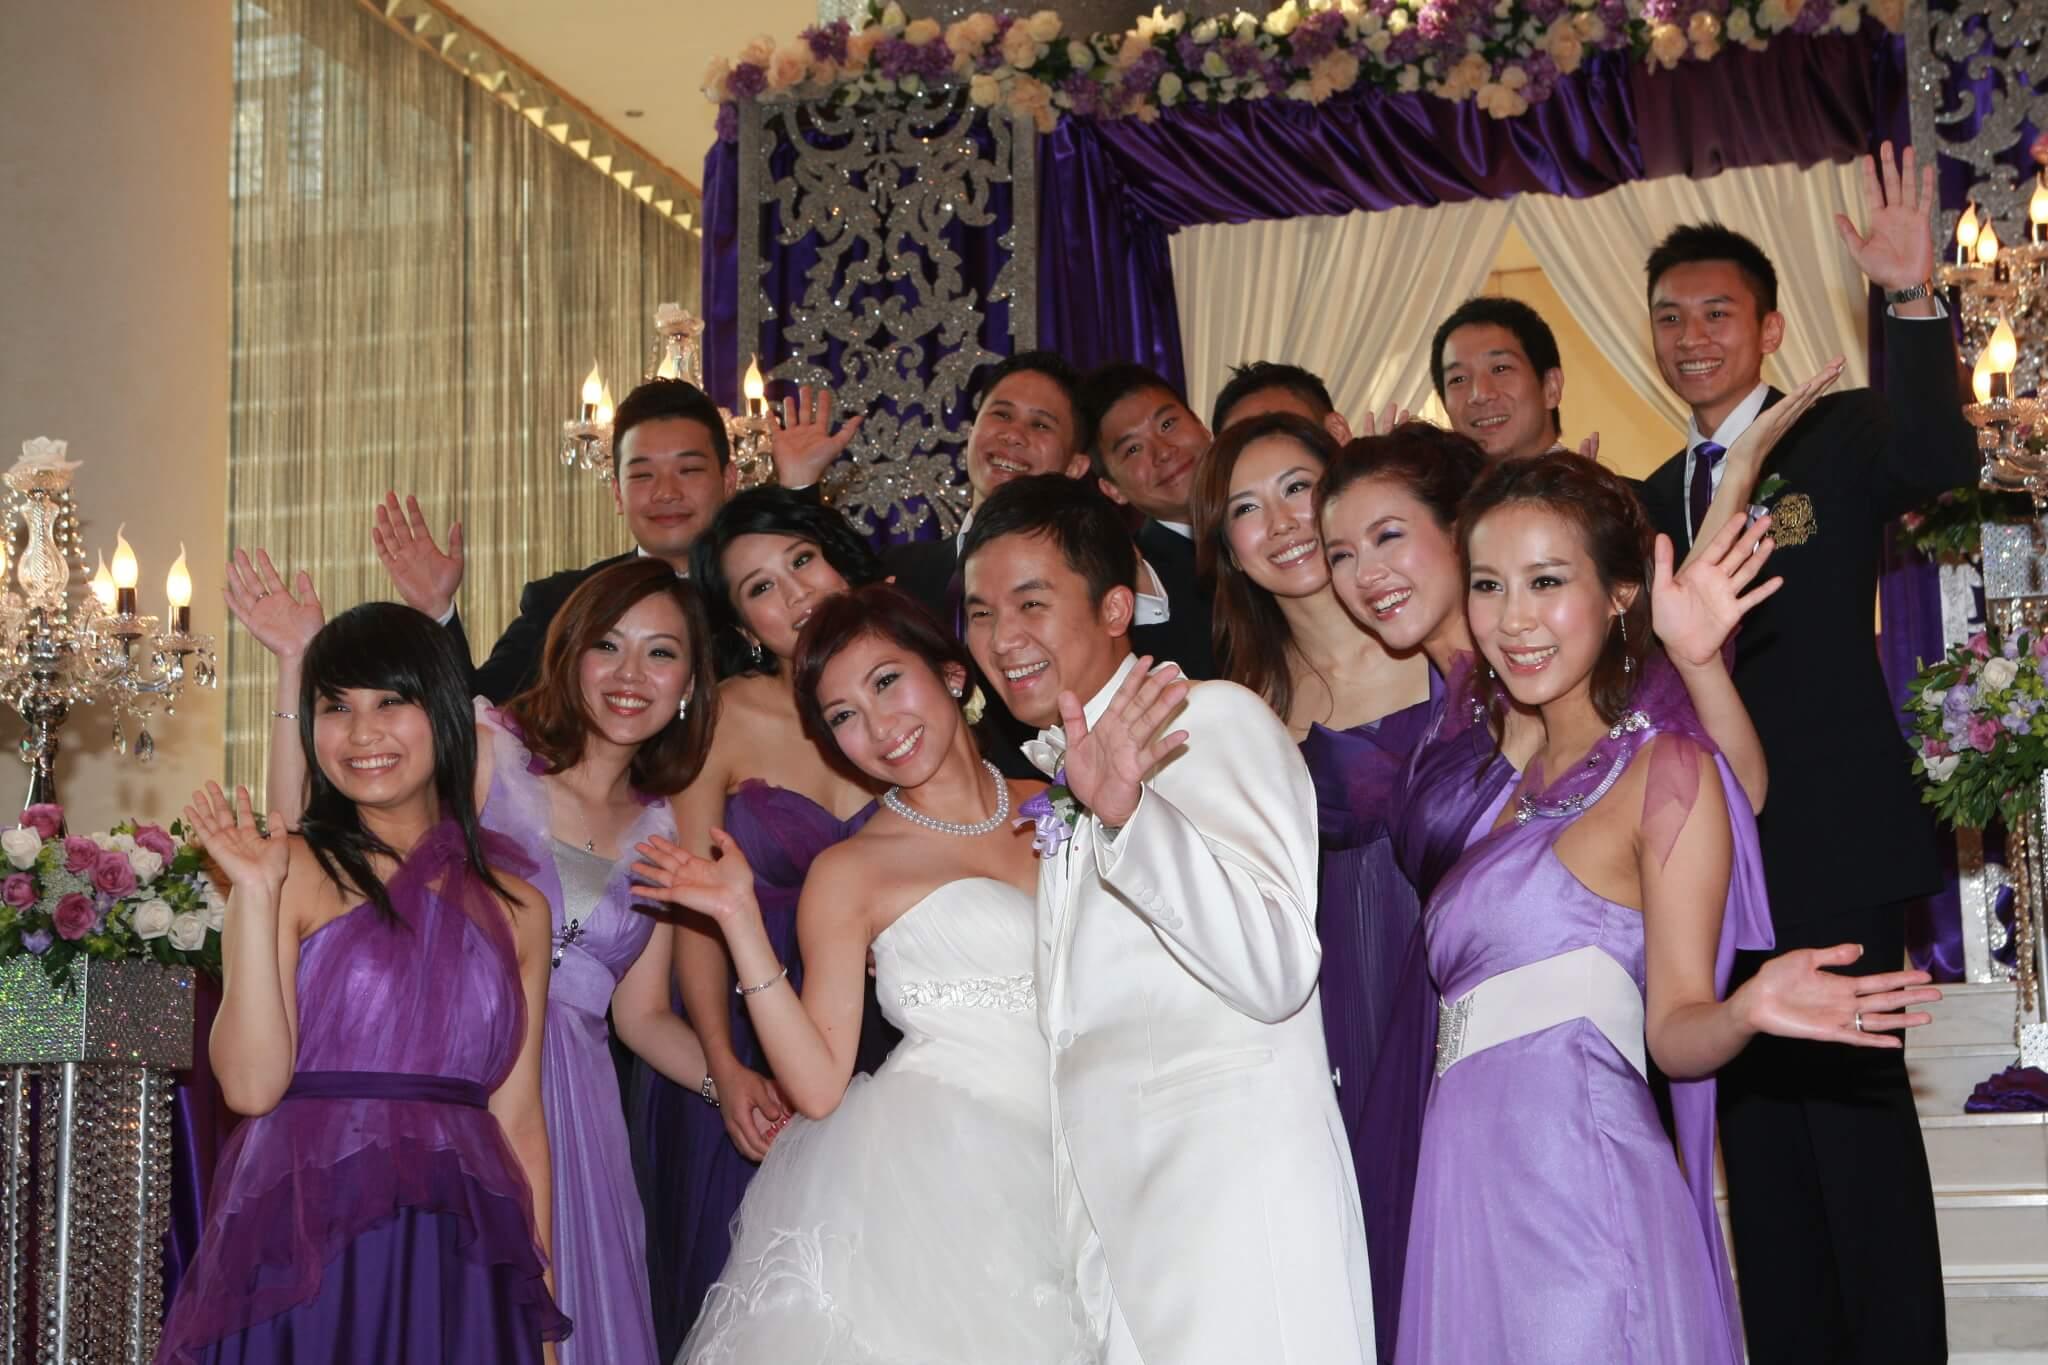 朱凱婷於2010年9月與拍拖5年的飛機師男友Dickens結婚。